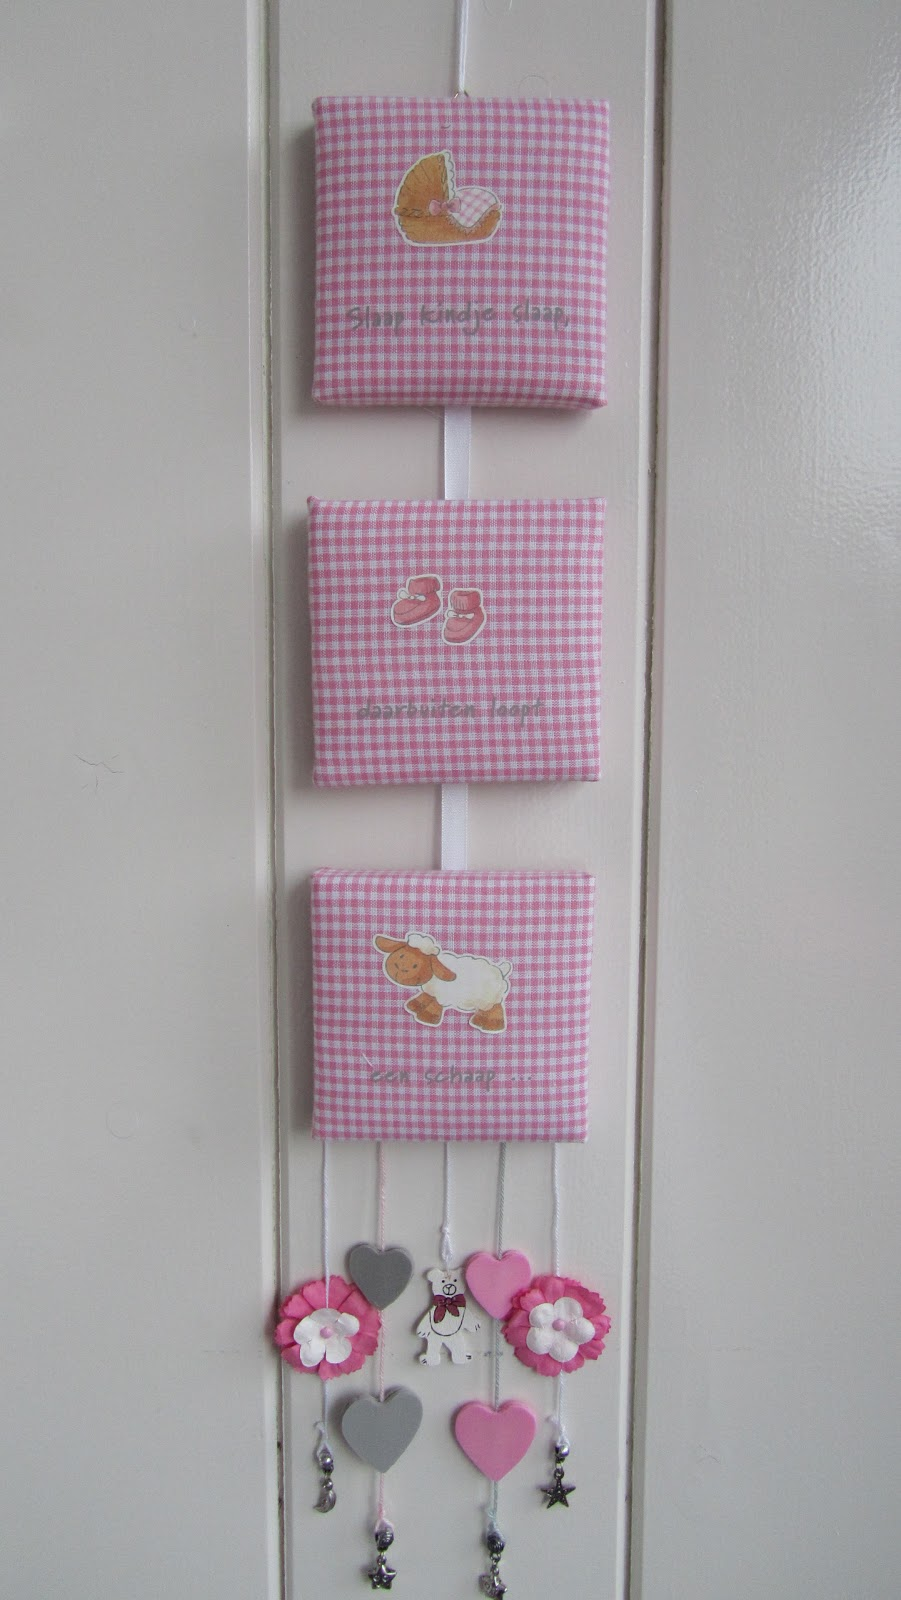 Tos duijn design maart 2011 - Zoon deco kamer ...